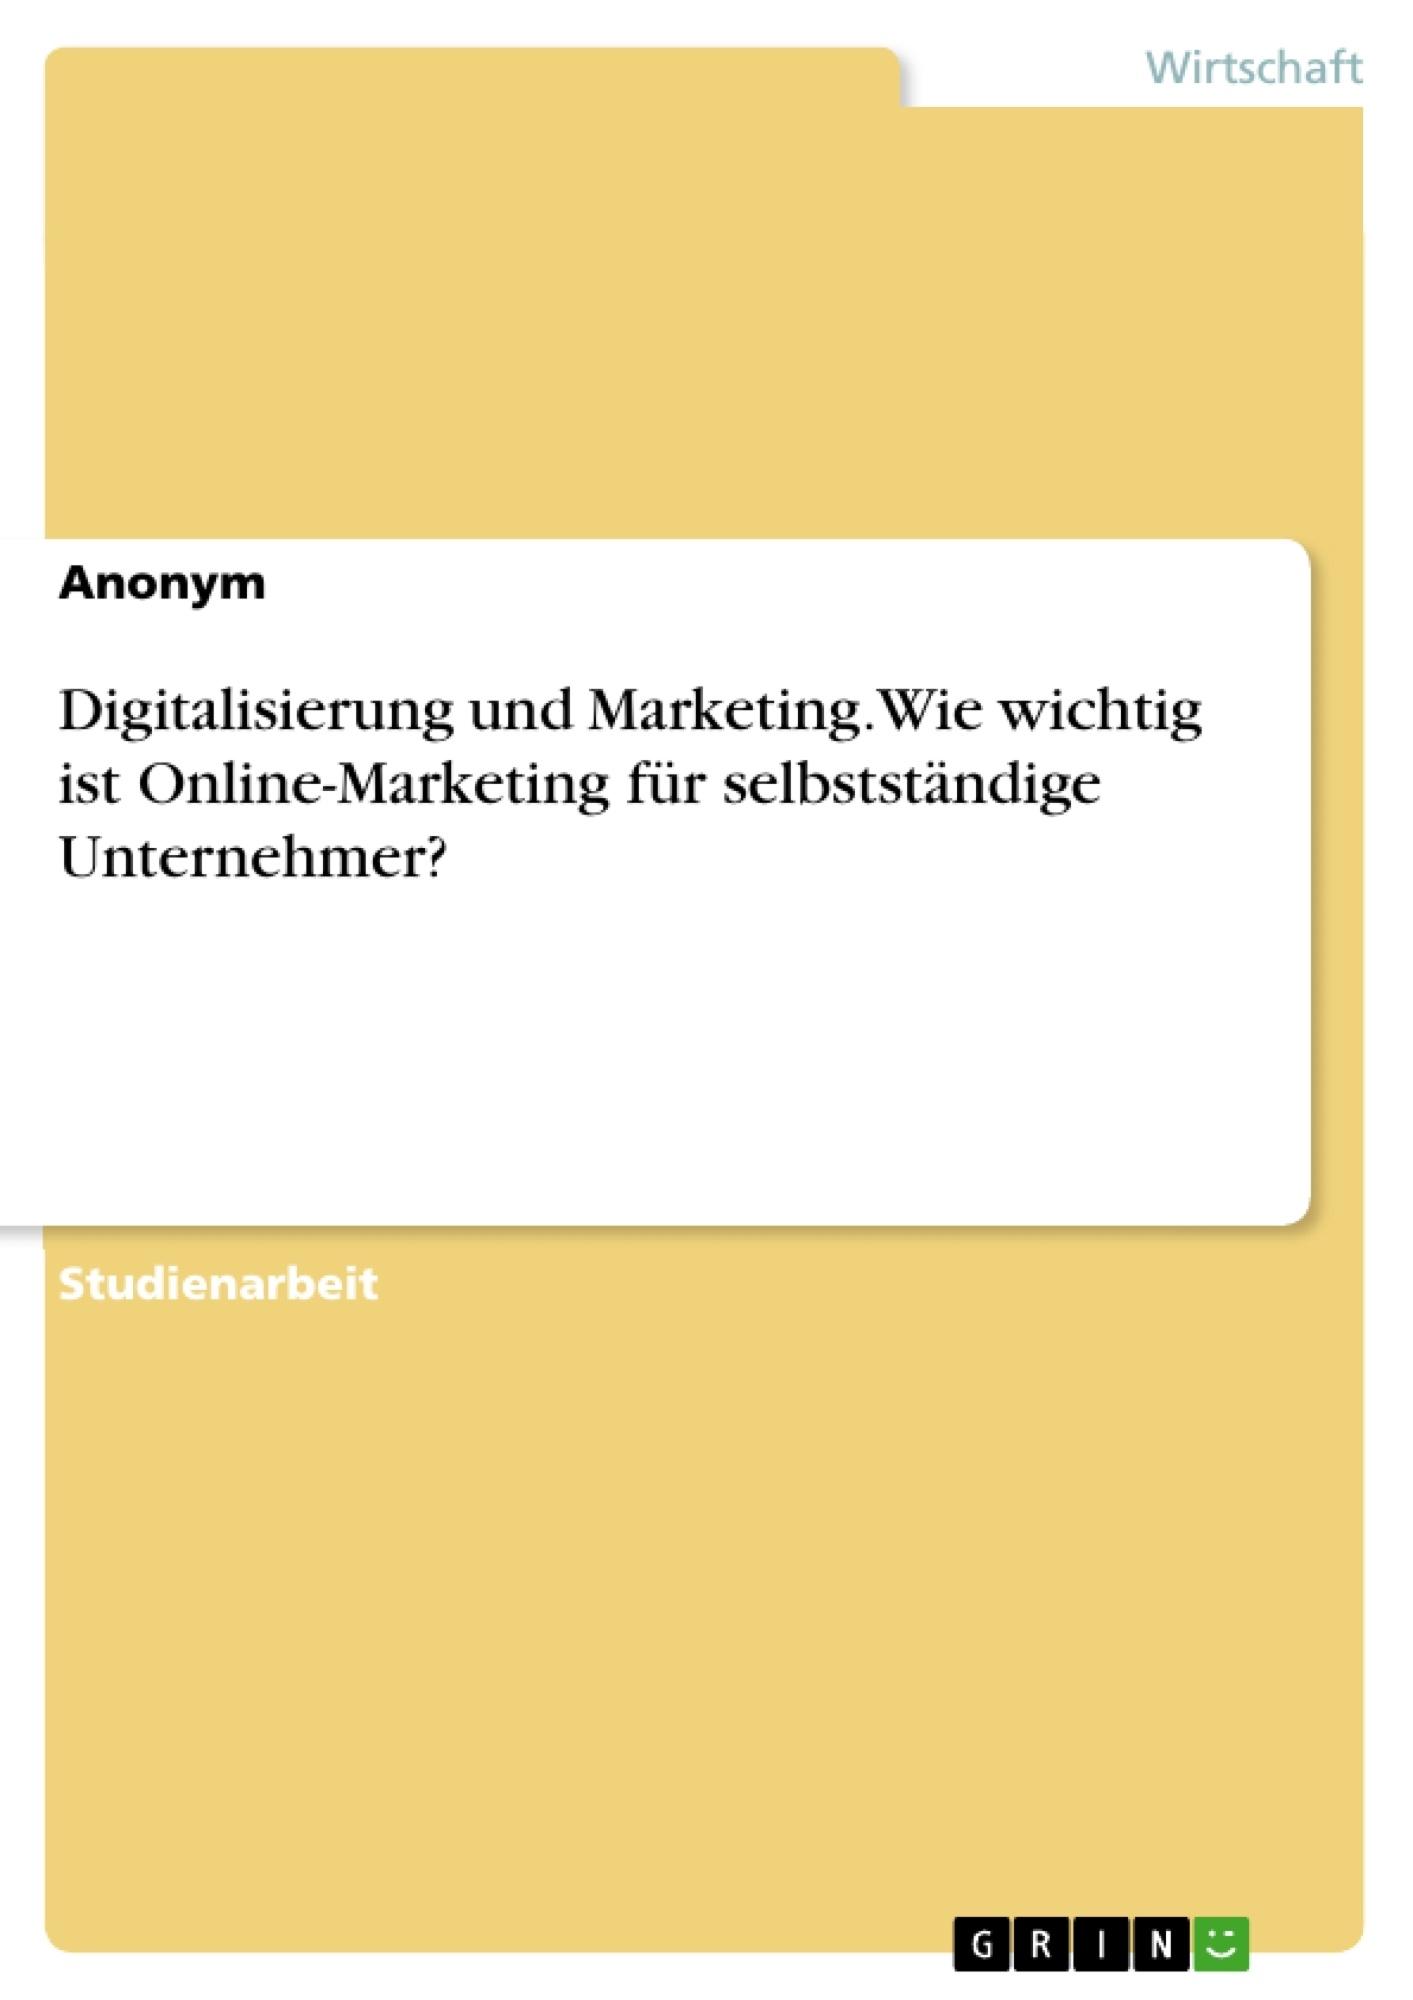 Titel: Digitalisierung und Marketing. Wie wichtig ist Online-Marketing für selbstständige Unternehmer?